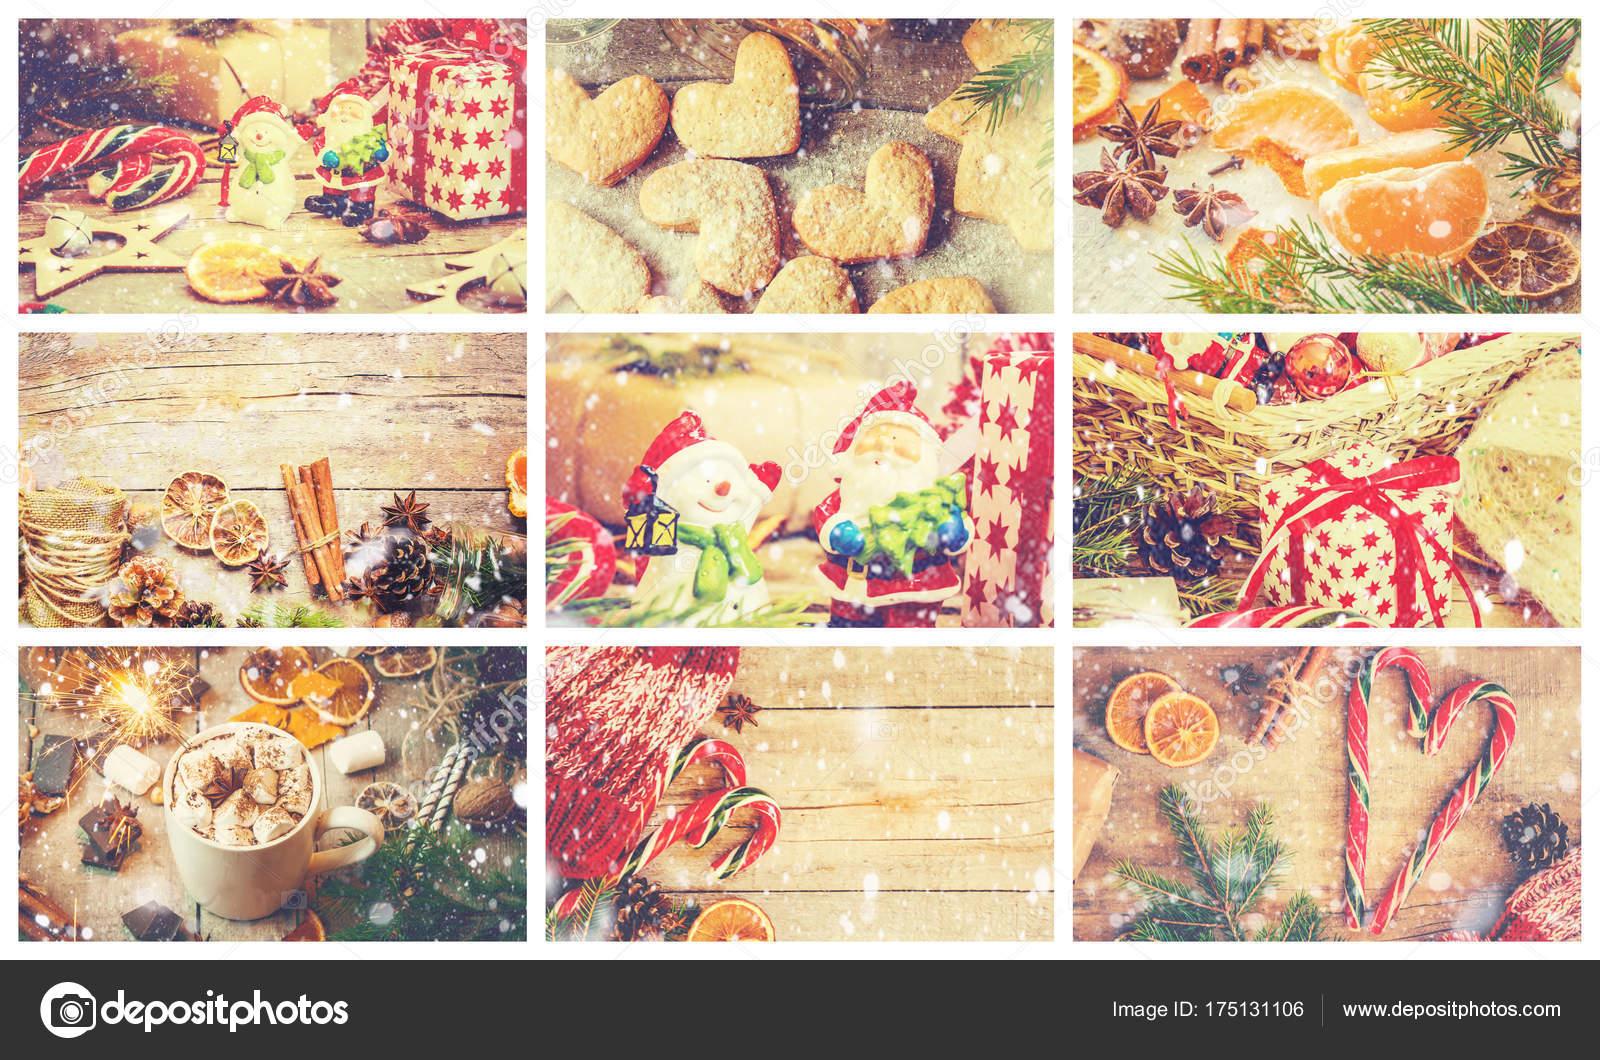 Weihnachtsbilder Italienisch.Collage Von Weihnachtsbilder Stockfoto Yana Komisarenko Yandex